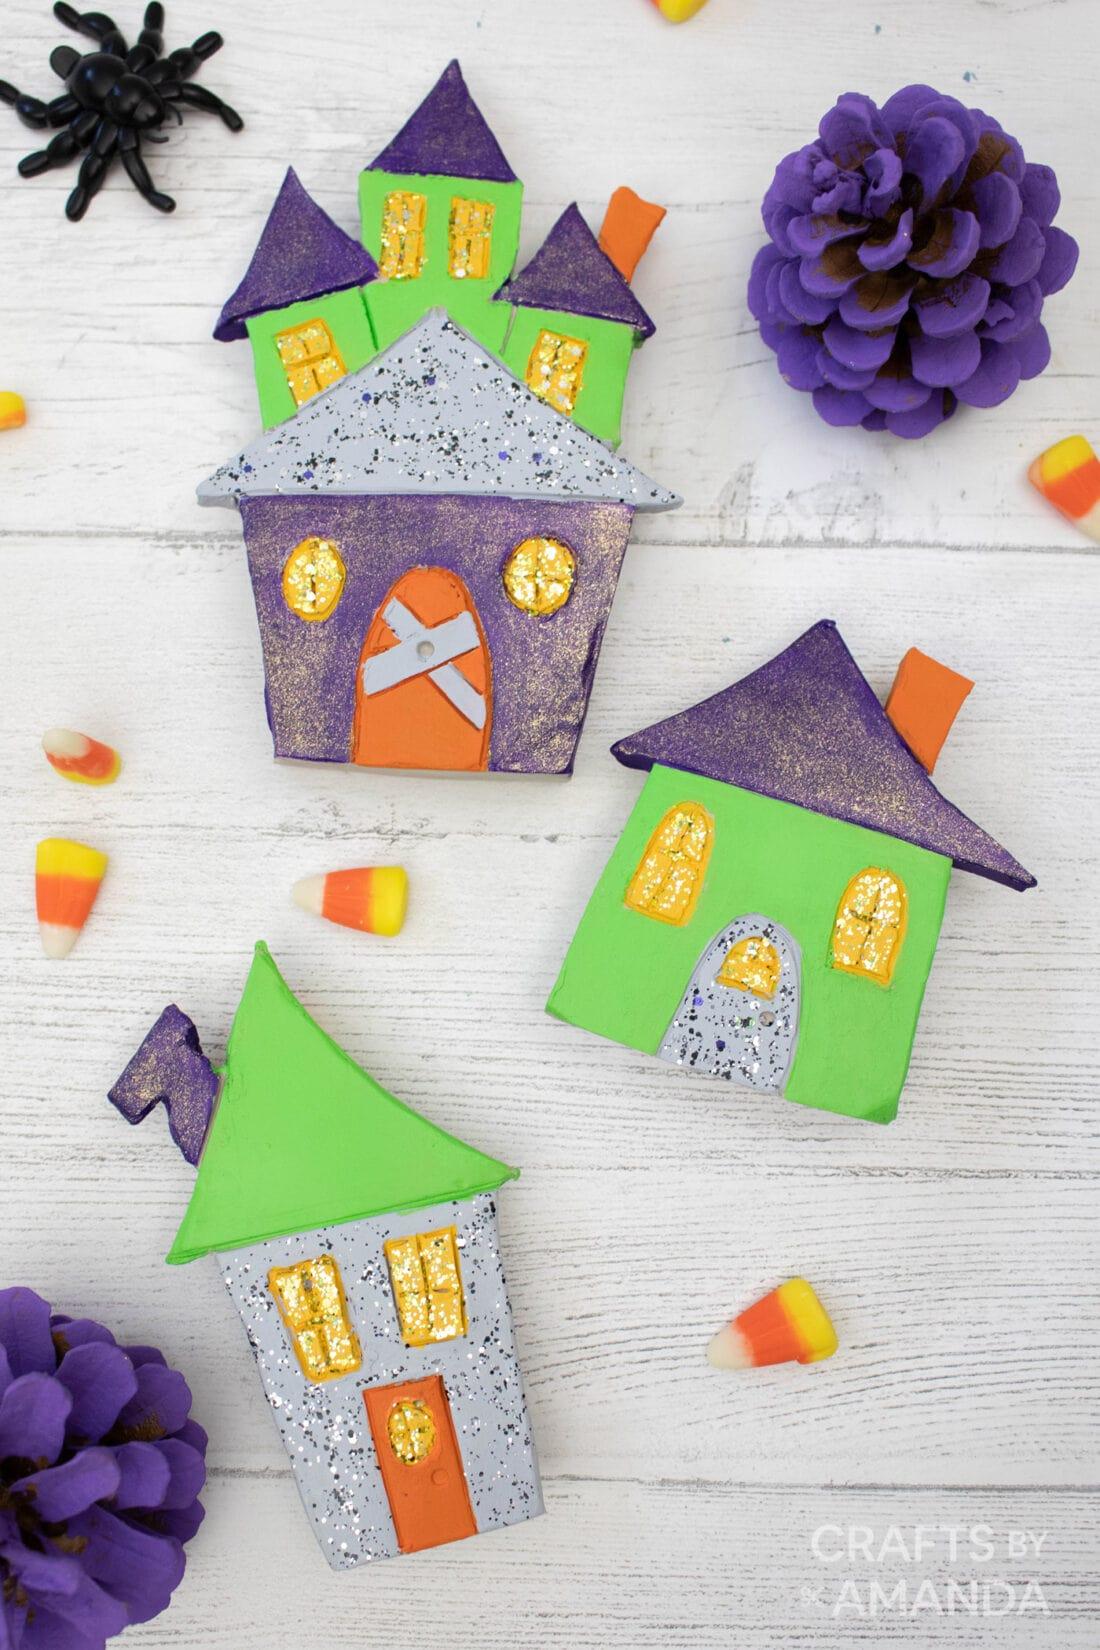 klei halloween huizen die op tafel liggen